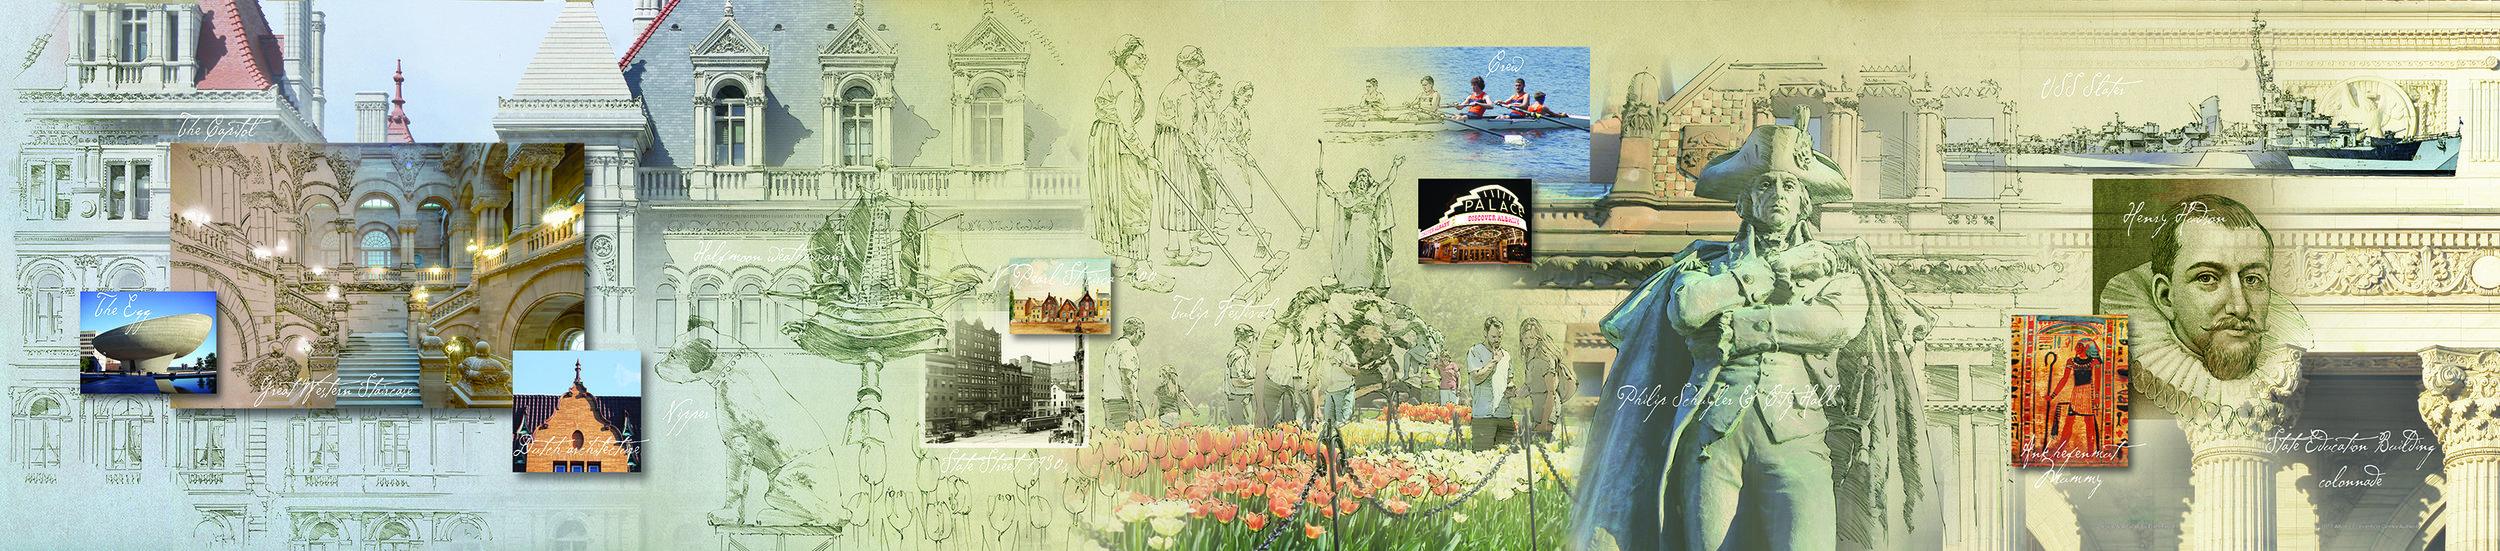 Albany-mural-150.jpg